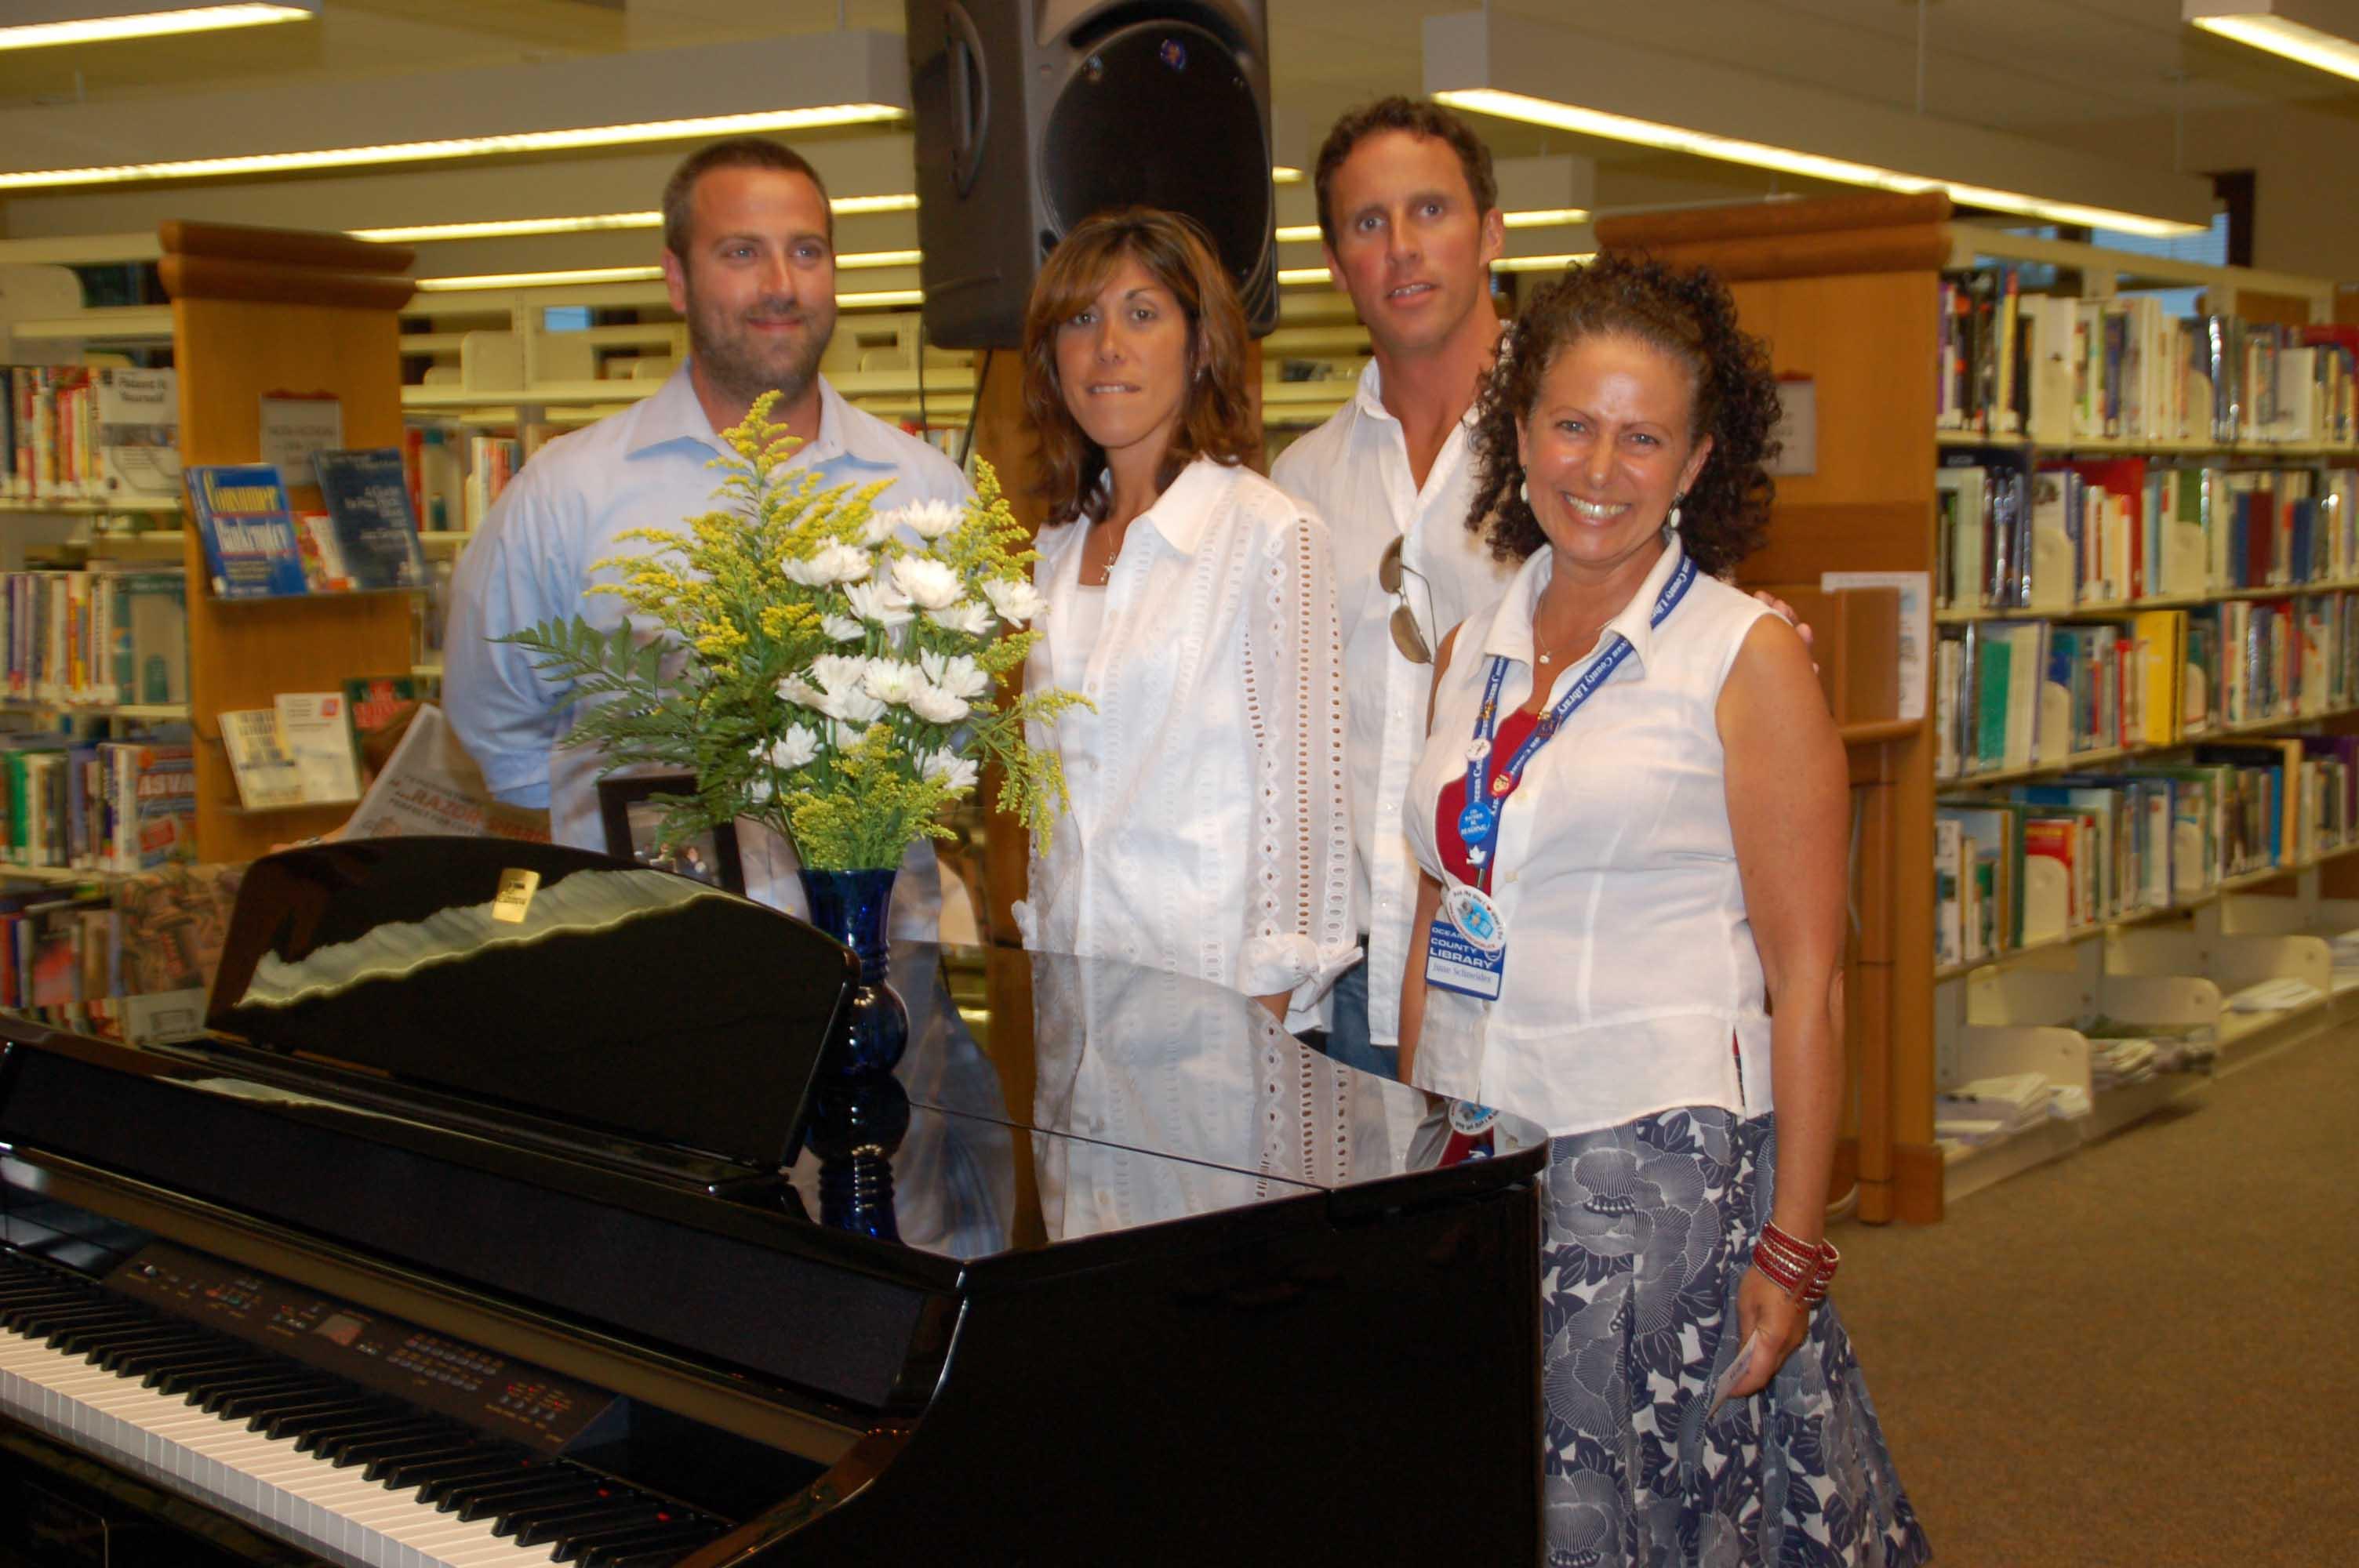 Mike Vizzone, Angela Fioretti, Paul Vizzone and June Schneider at the piano dedication